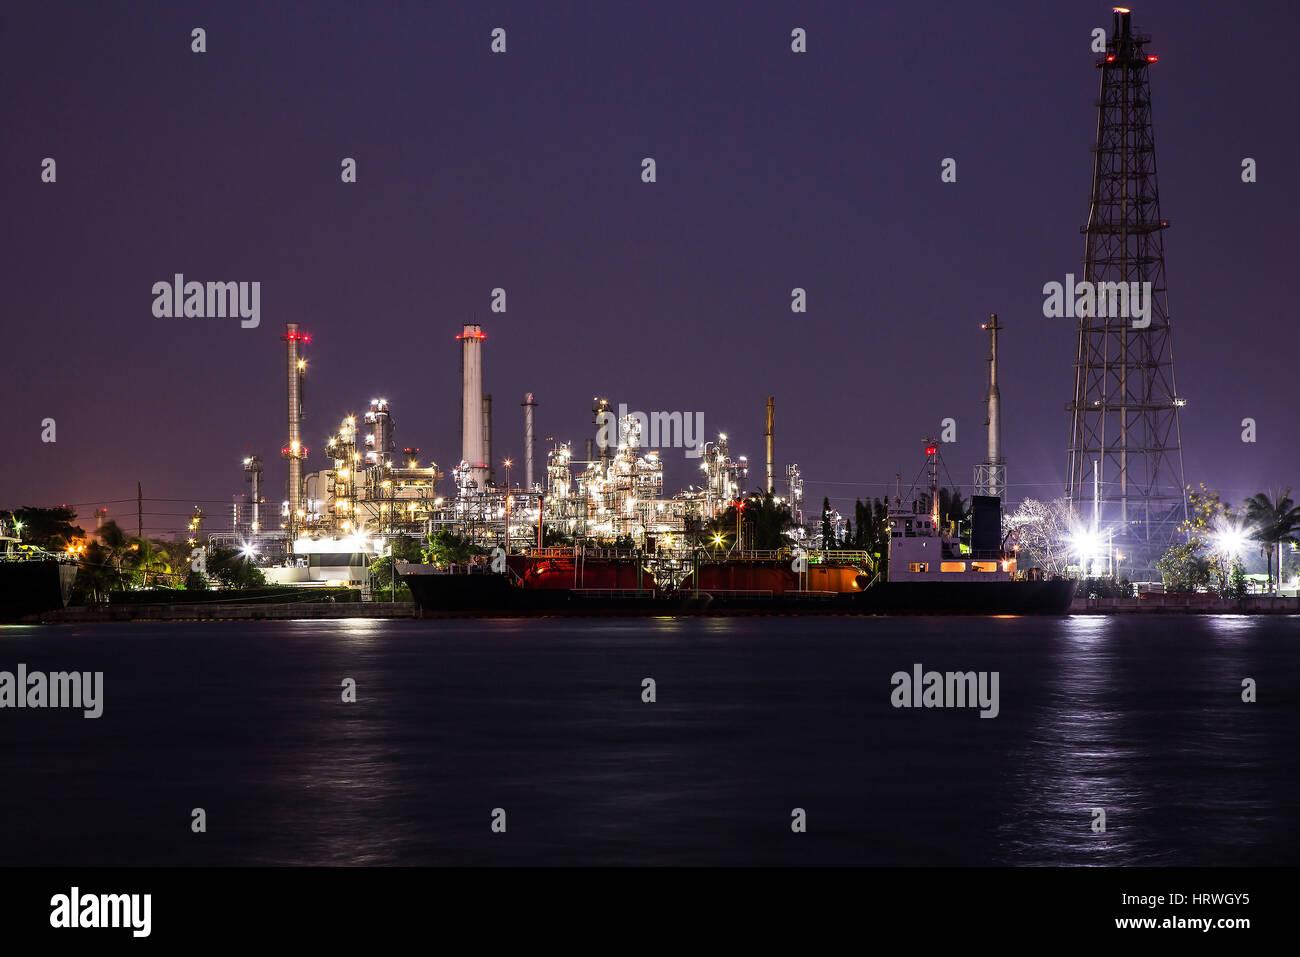 La industria de refinería de petróleo en la planta de noche. Foto de stock